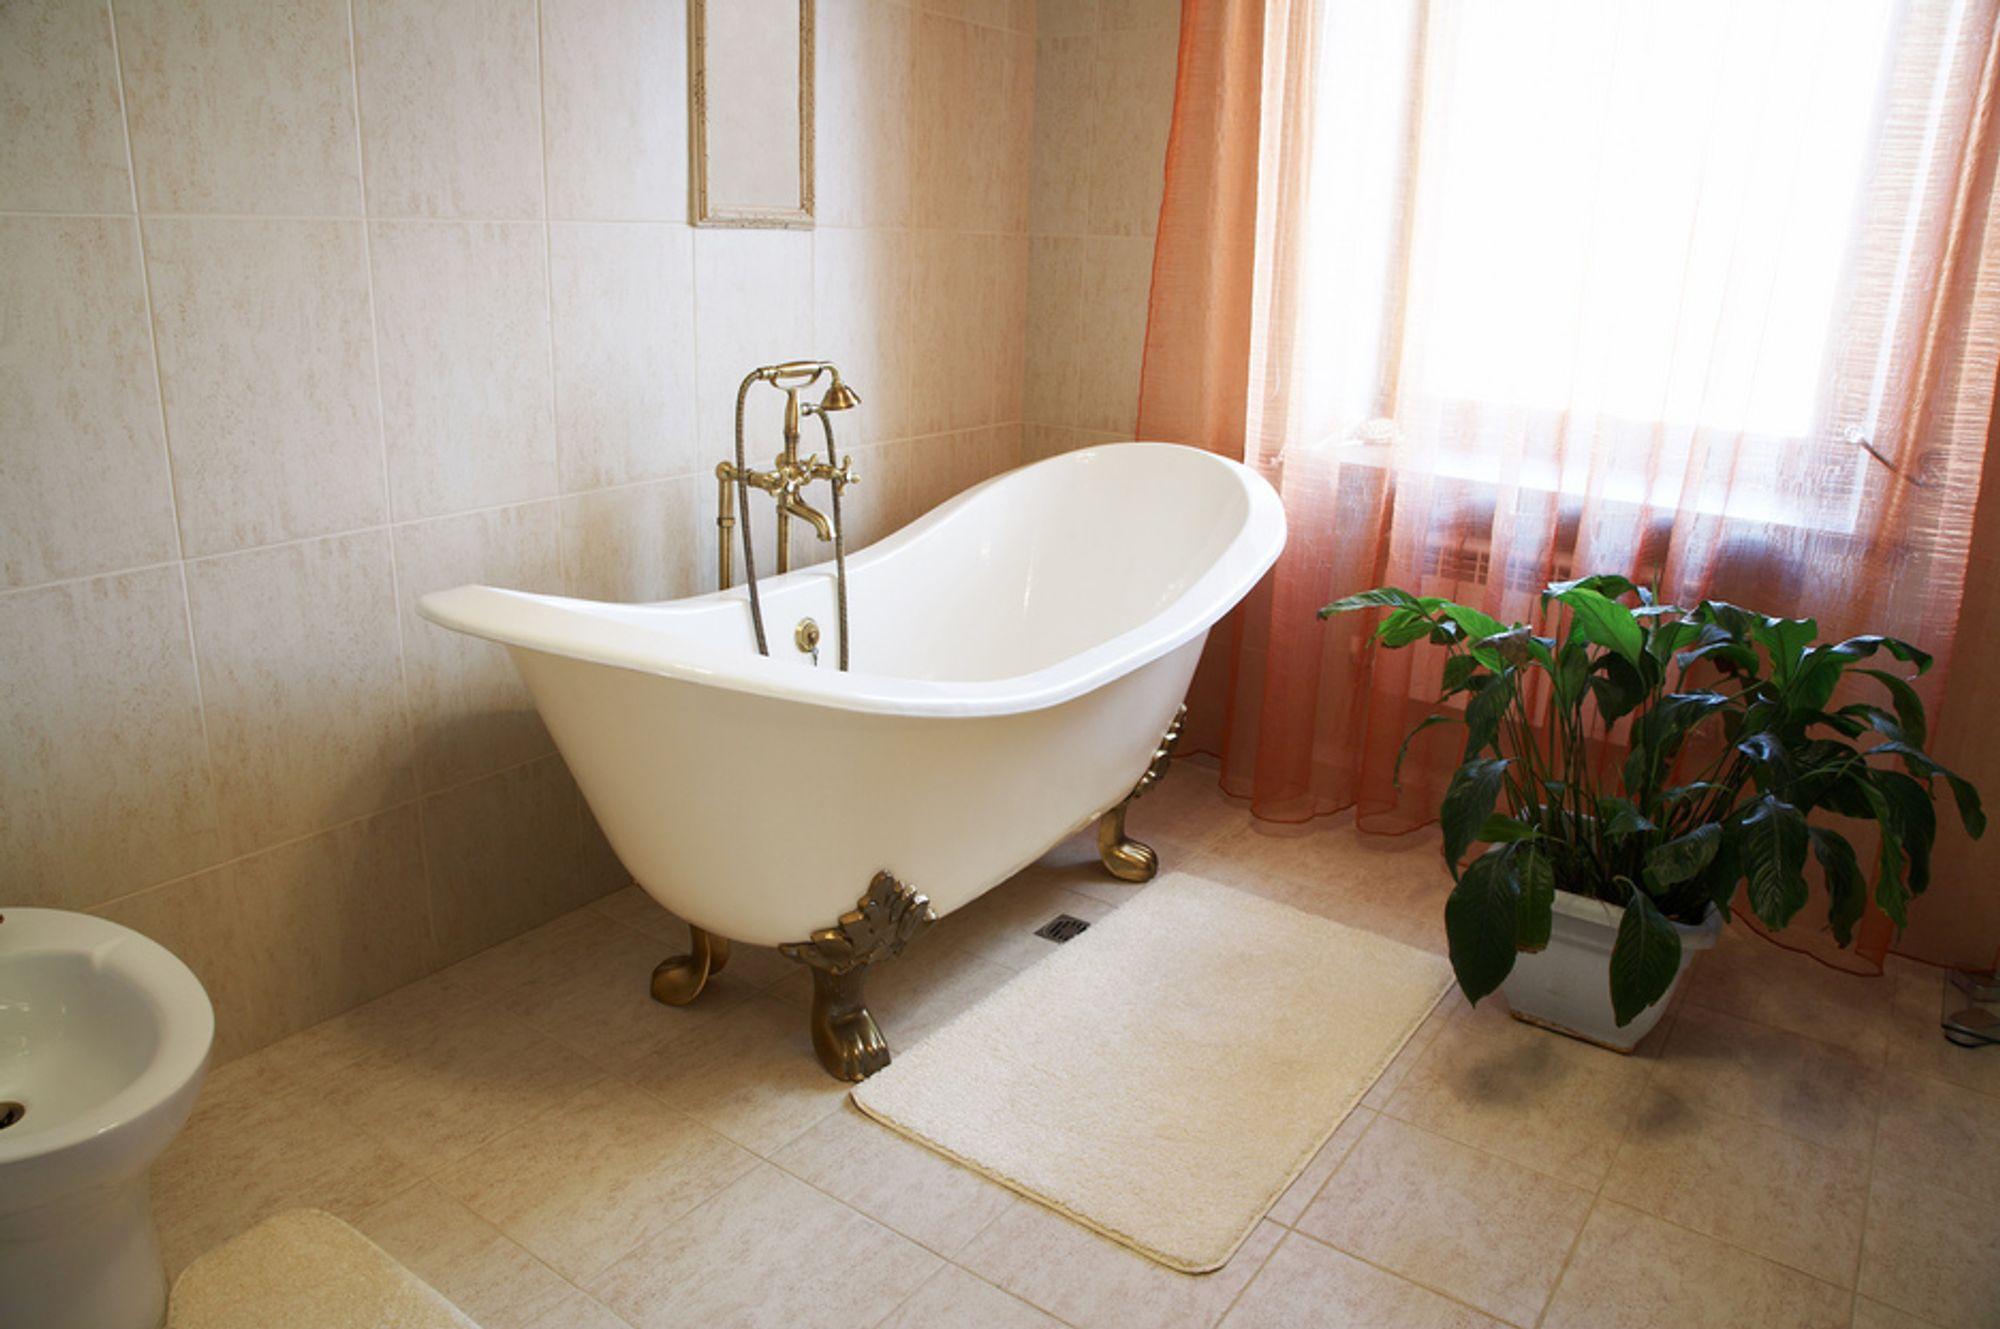 Hvor lang tid tar det å fylle badekaret med pluggen i?